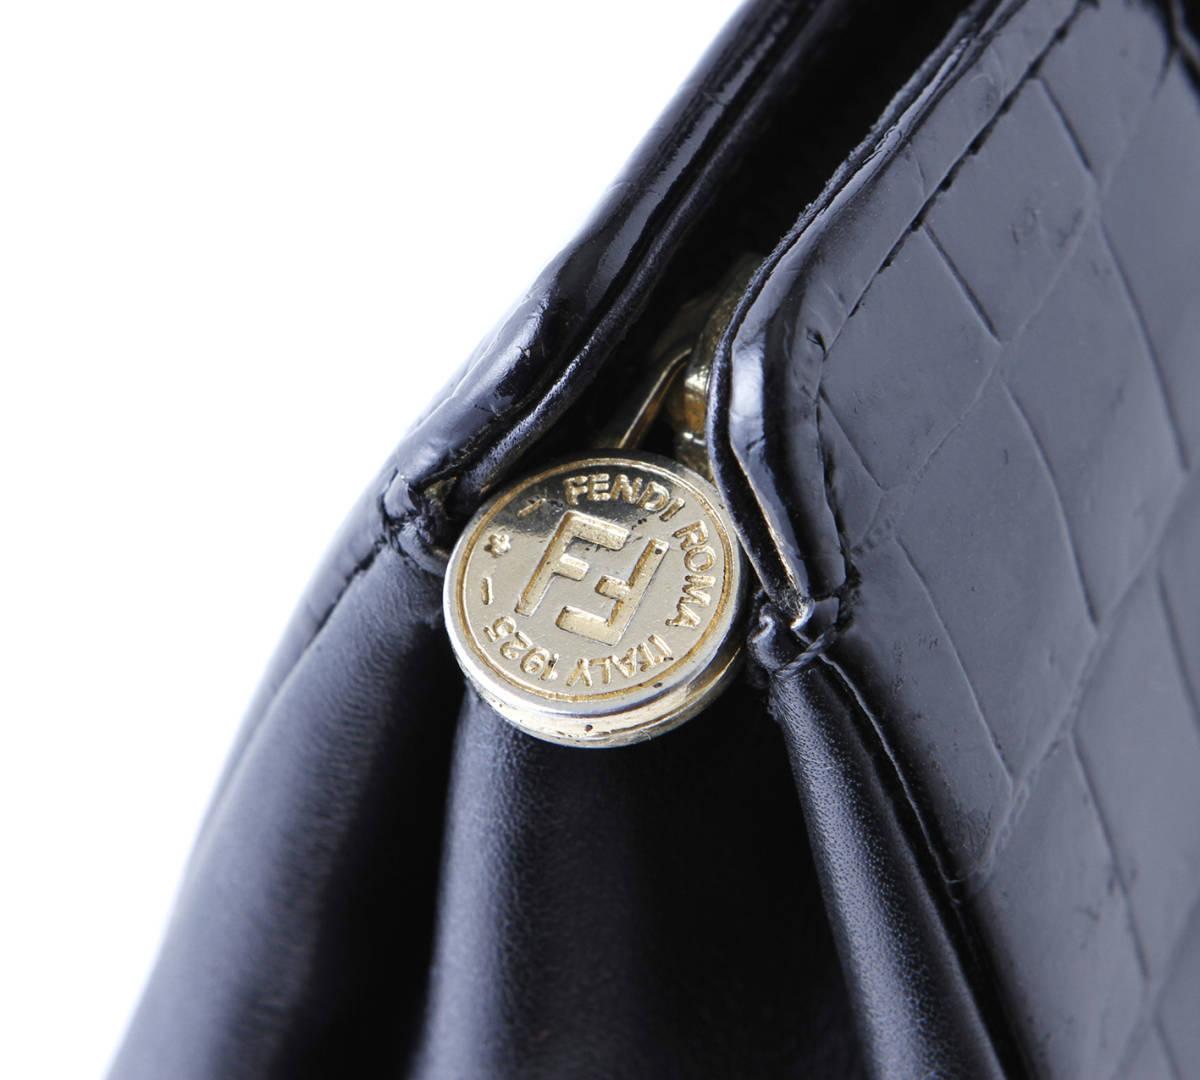 美品 FENDI フェンディ 本ワニ革 クロコダイル ×レザー トートバッグ ショルダーバッグ イタリア製 黒 ブラック ヴィンテージ_画像6